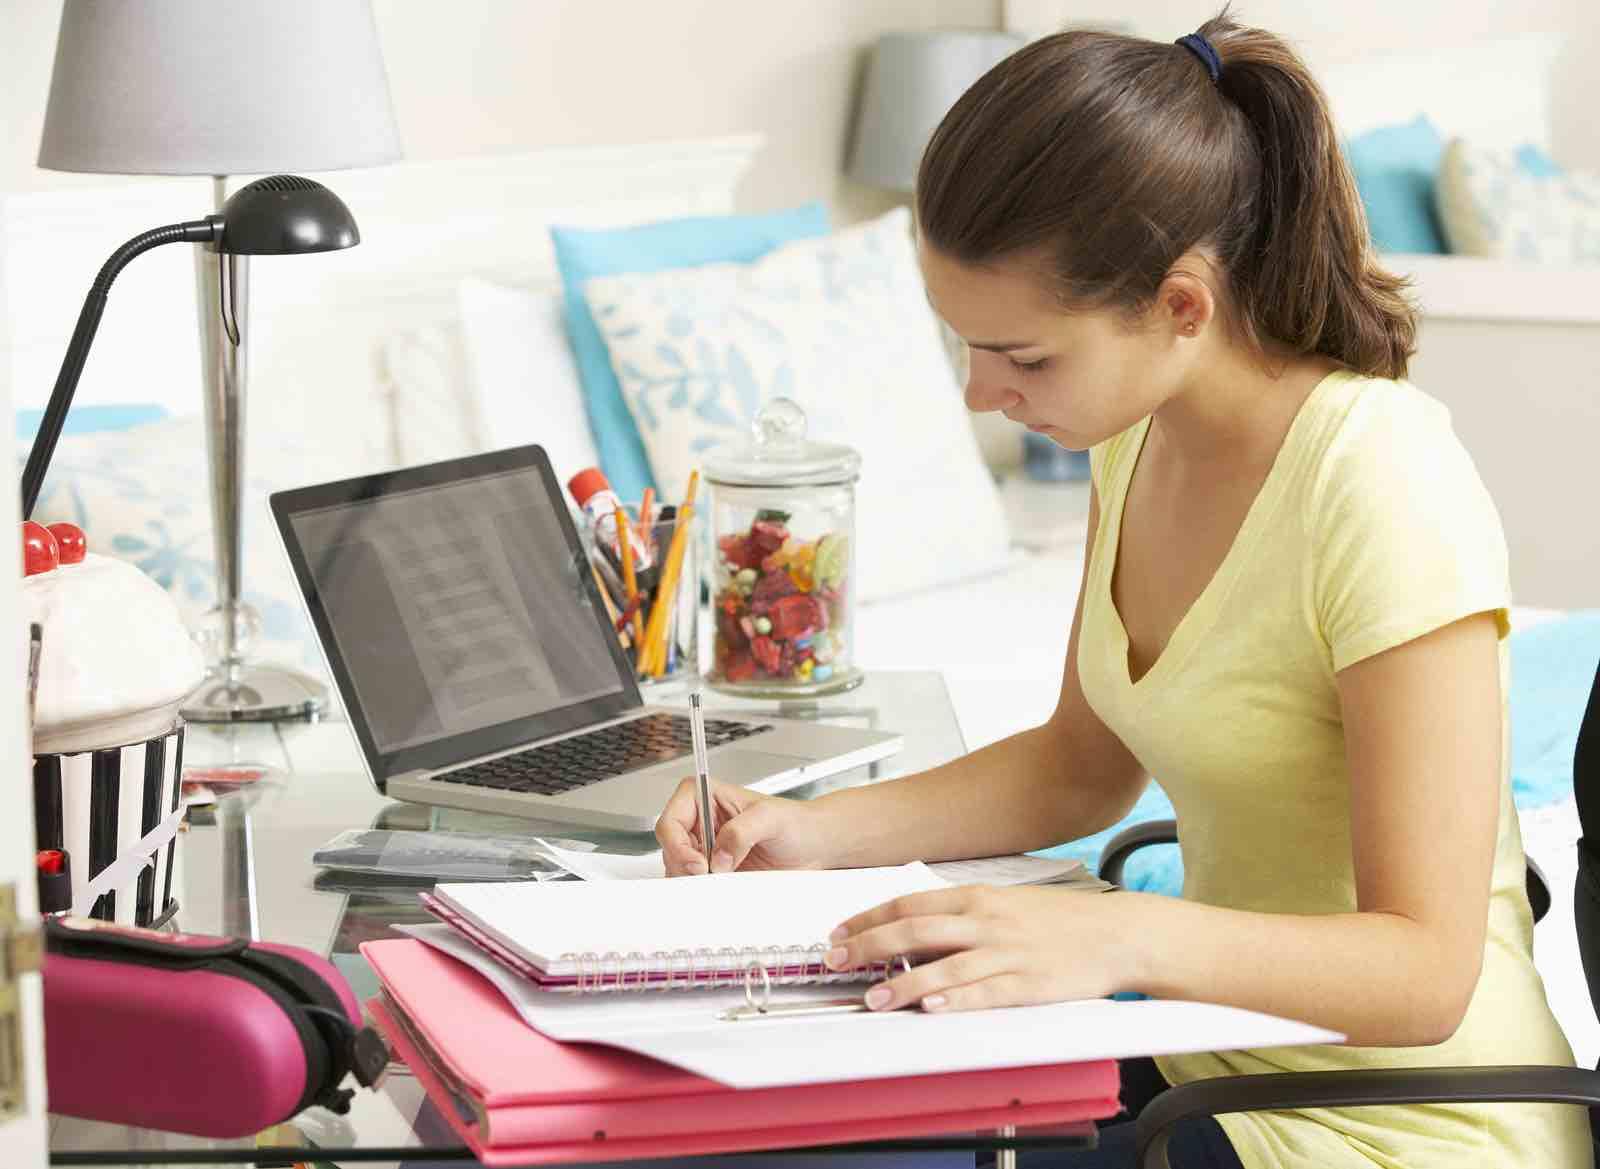 Jente skriver